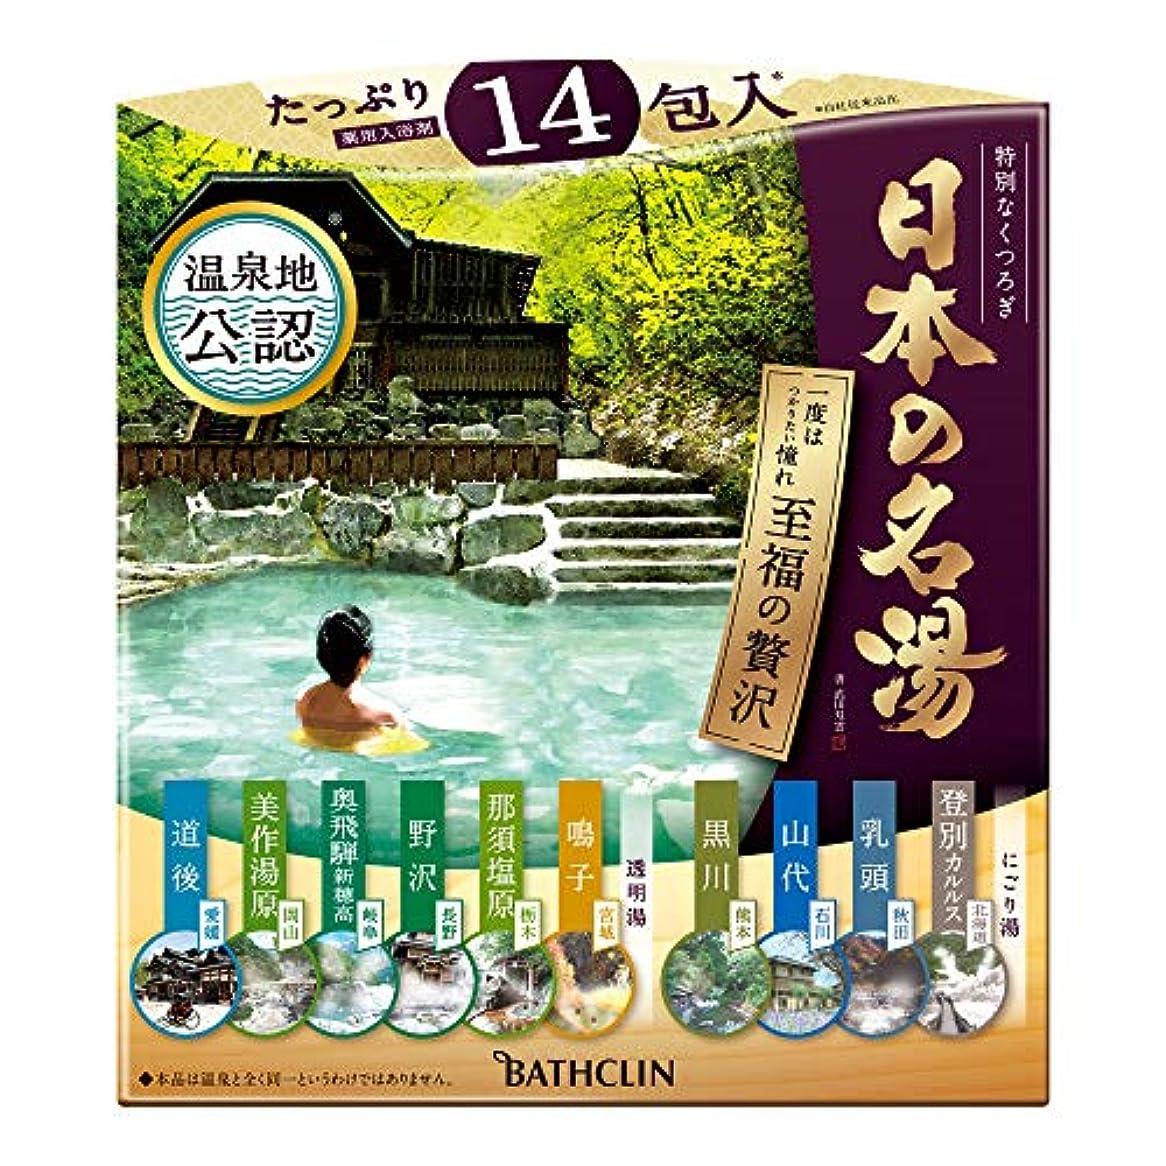 テニス下る最初に日本の名湯 至福の贅沢 入浴剤 色と香りで情緒を表現した温泉タイプ入浴剤 セット 30g×14包